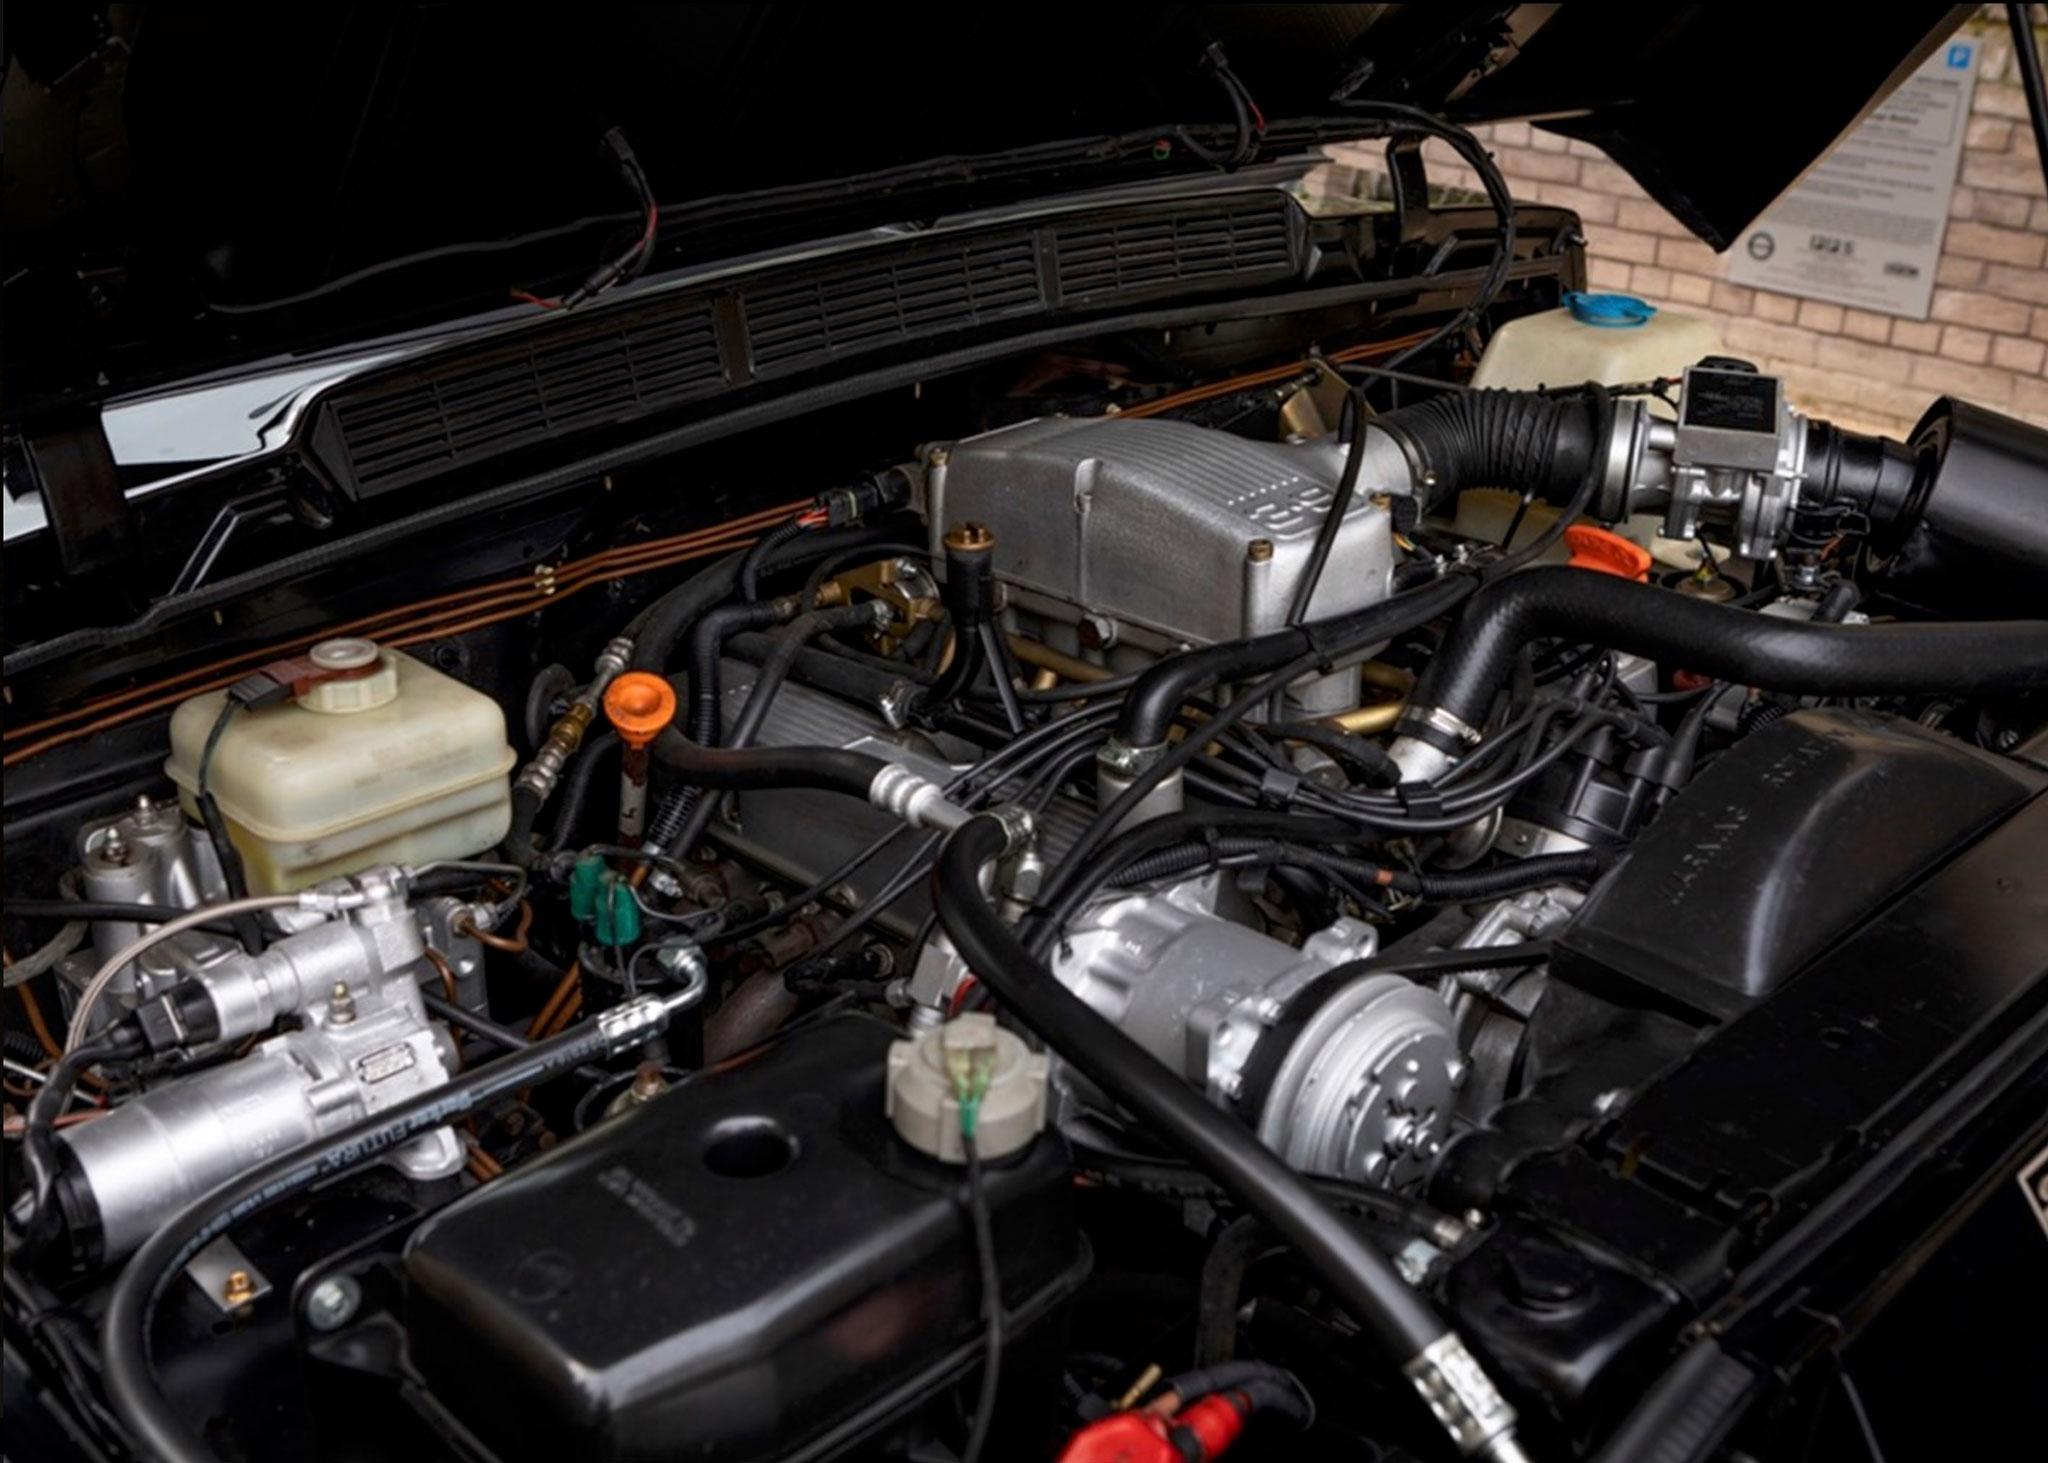 1991 Range Rover CSK le moteur est le 3.9-Litre à injection qui délivre 185 chevaux - Coups de Coeur Historics Auctioneers.